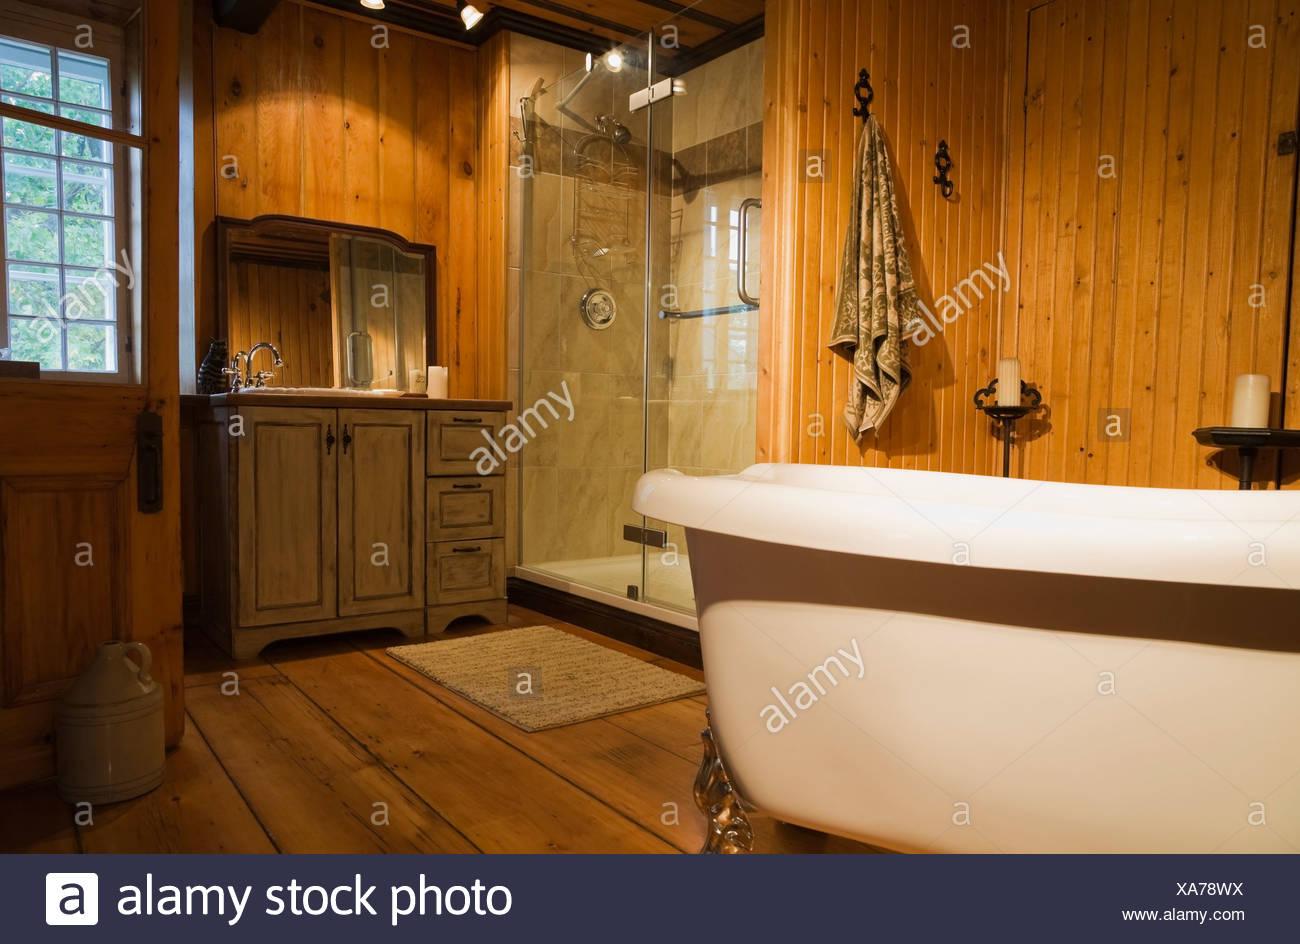 Roll top vasca da bagno doccia bagno vecchio foto immagine stock